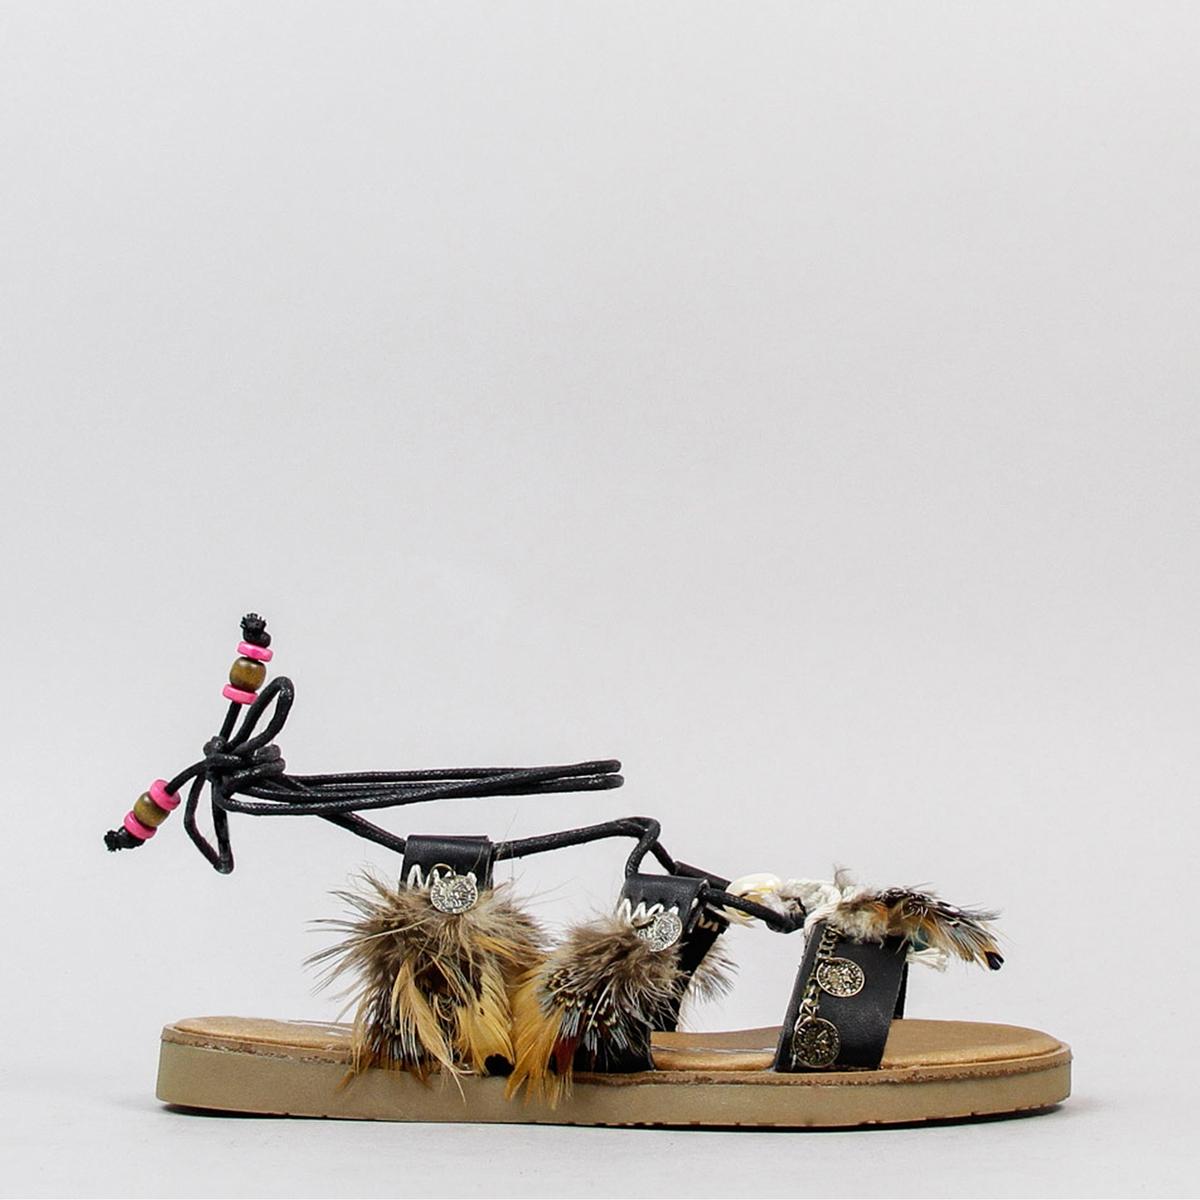 Босоножки DaikiriВерх : синтетика   Стелька : кожа   Подошва : каучук   Форма каблука : плоский каблук   Мысок : закругленный мысок   Застежка : завязки<br><br>Цвет: черный<br>Размер: 40